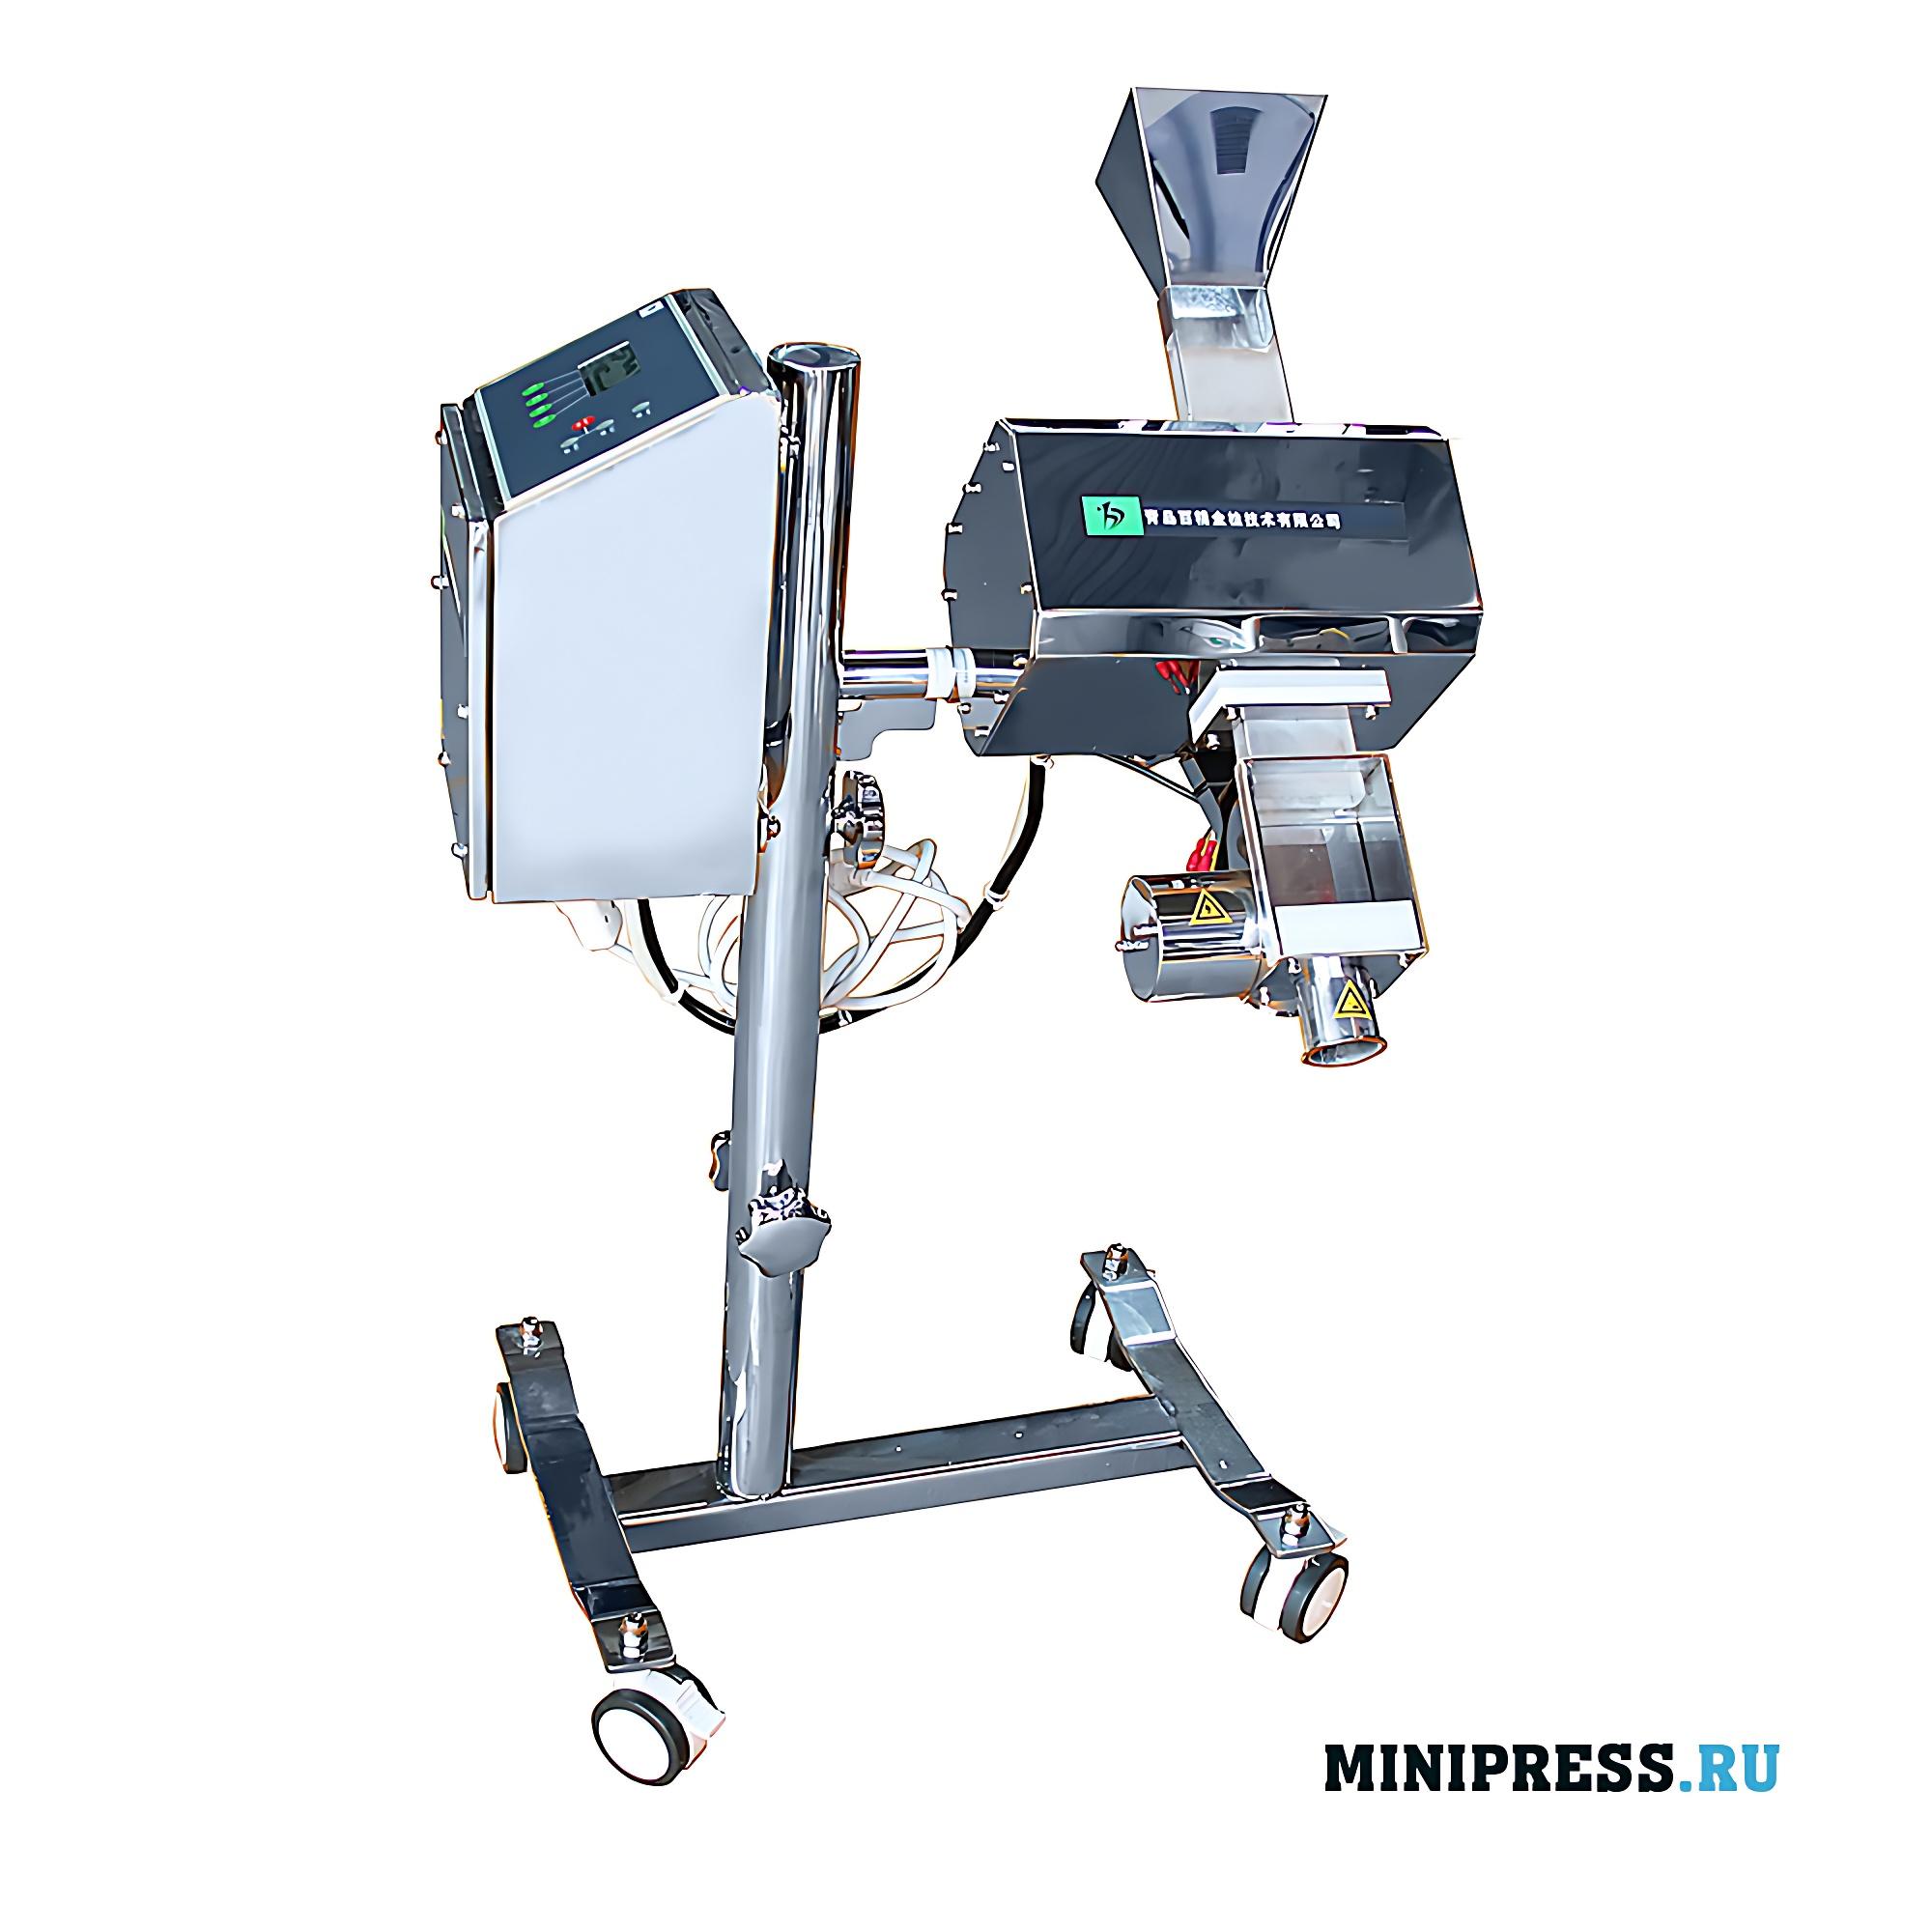 Металлический сепаратор для осмотра таблеток и капсул